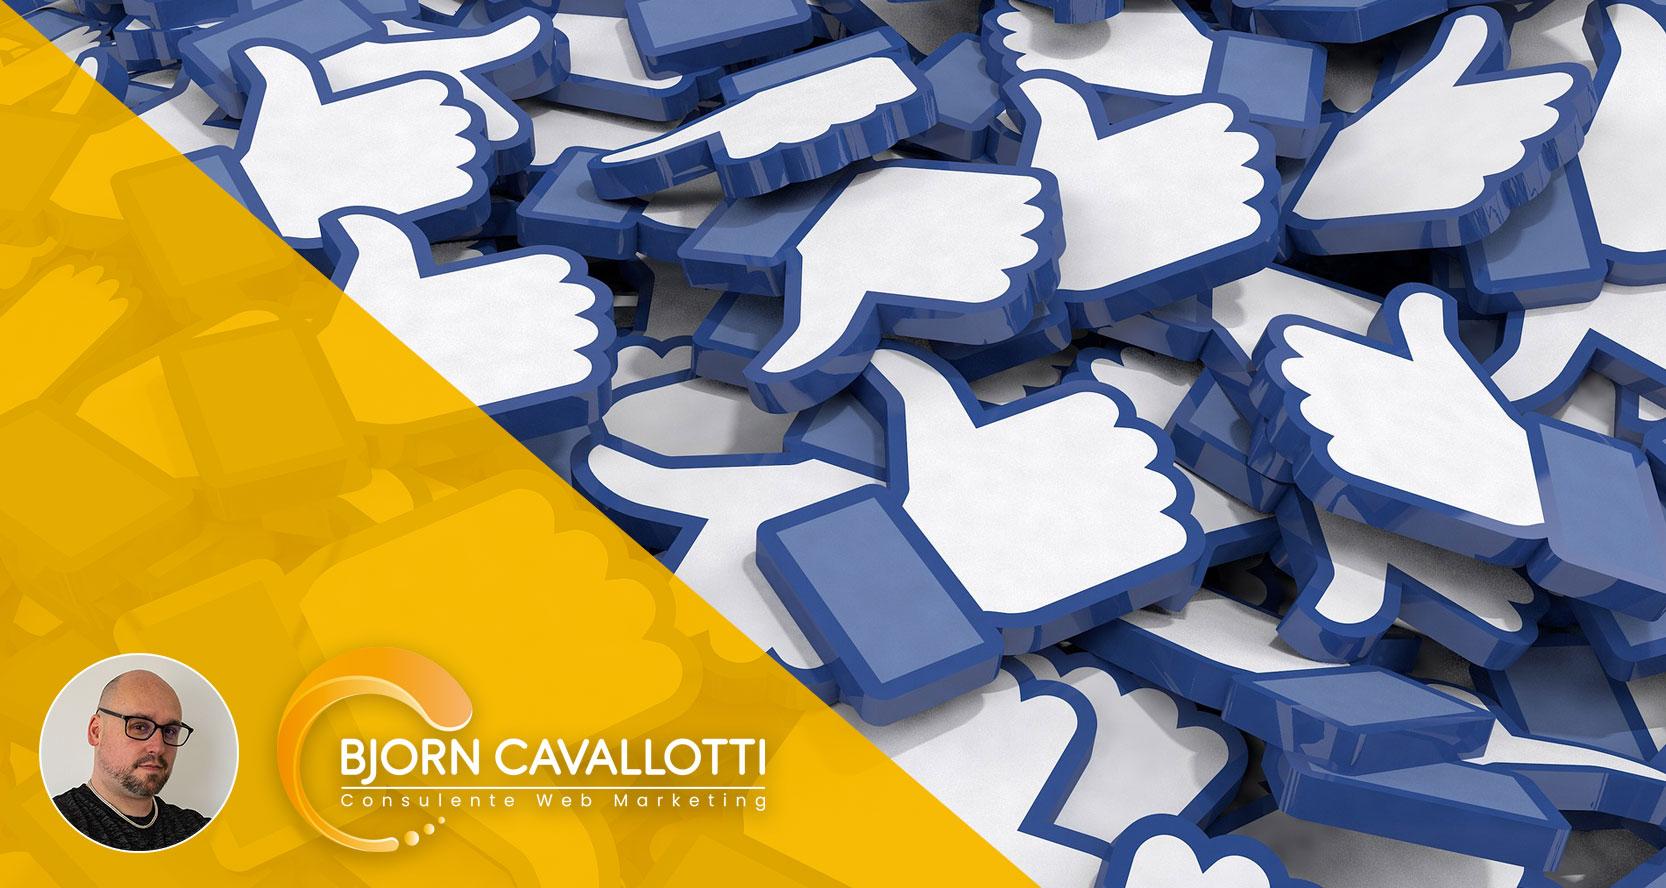 Inviti tutti gli amici sulla tua nuova pagina Facebook? Male!